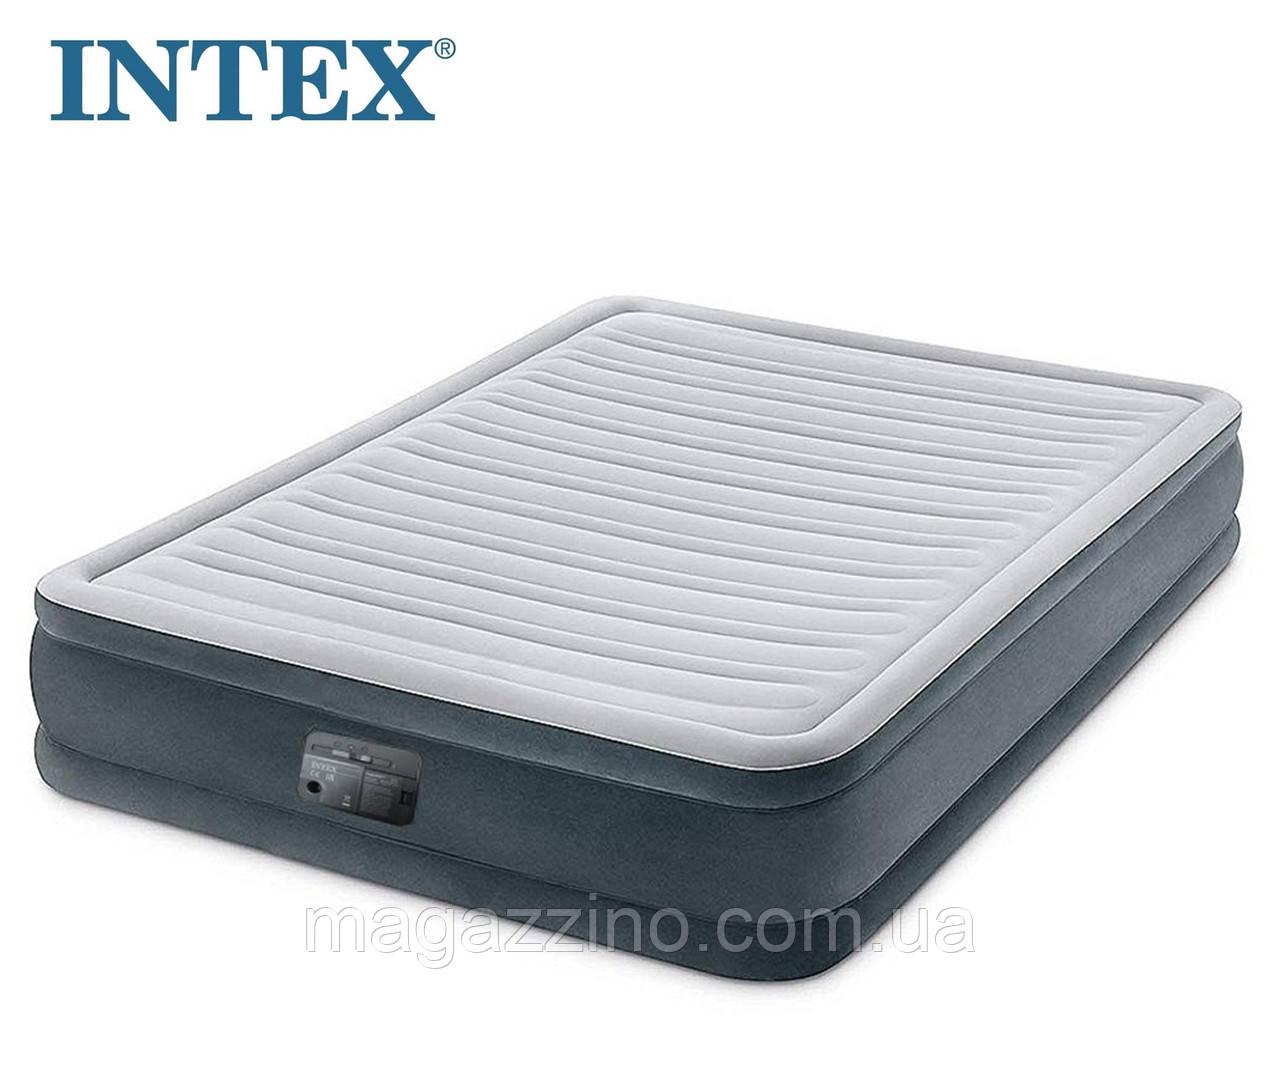 Надувний двомісний матрац Intex з велюровим покриттям, з вбудованим насосом, 203x152x33 див.